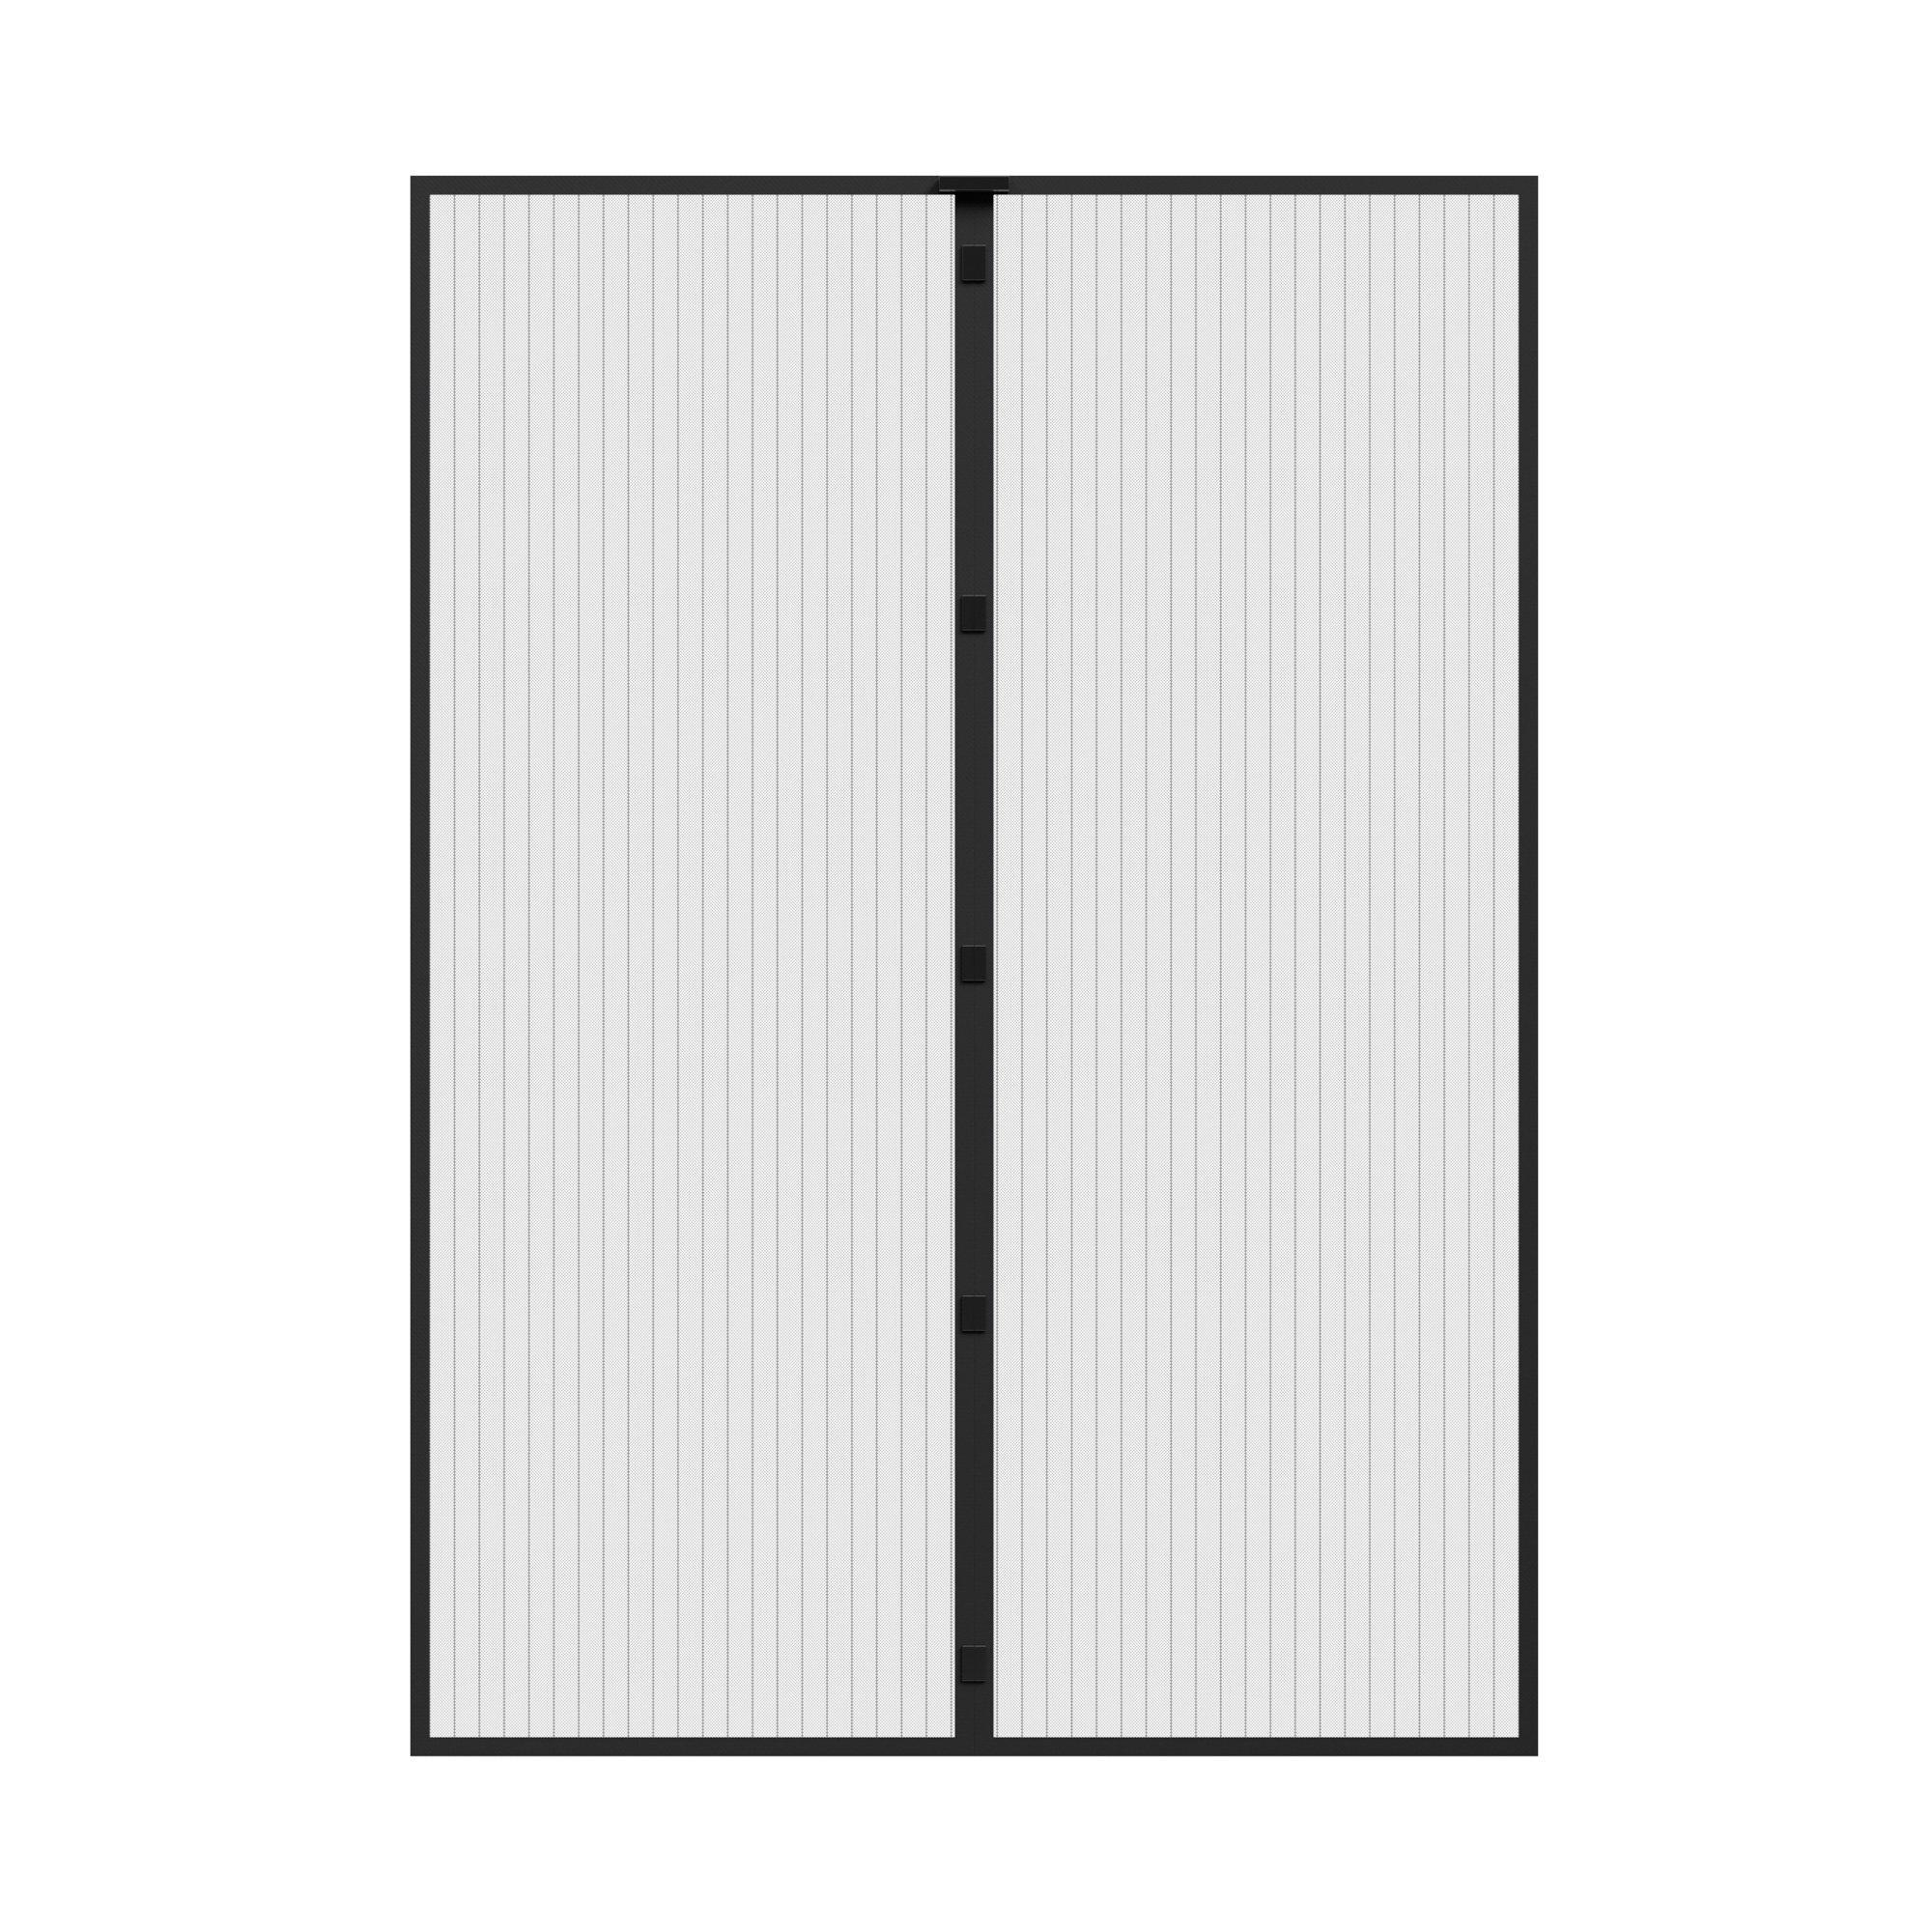 Full Size of Fliegengitter Magnetvorhnge Fr Tren Für Fenster Magnettafel Küche Maßanfertigung Wohnzimmer Fliegengitter Magnet